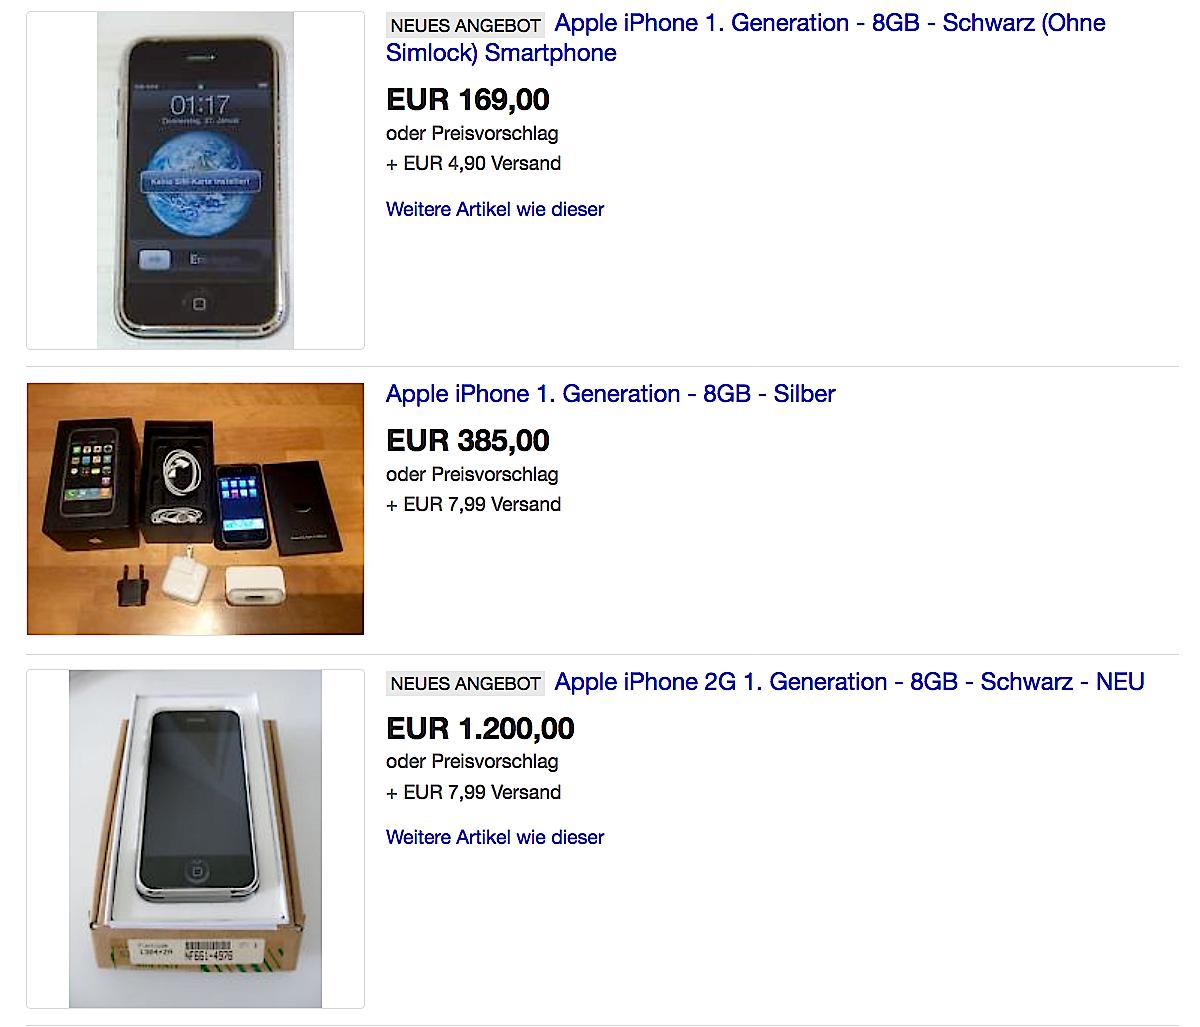 Auf Ebay werden immer noch iPhones der ersten Generation gehandelt. Die Preise sind durchaus ordentlich für Neugeräte.